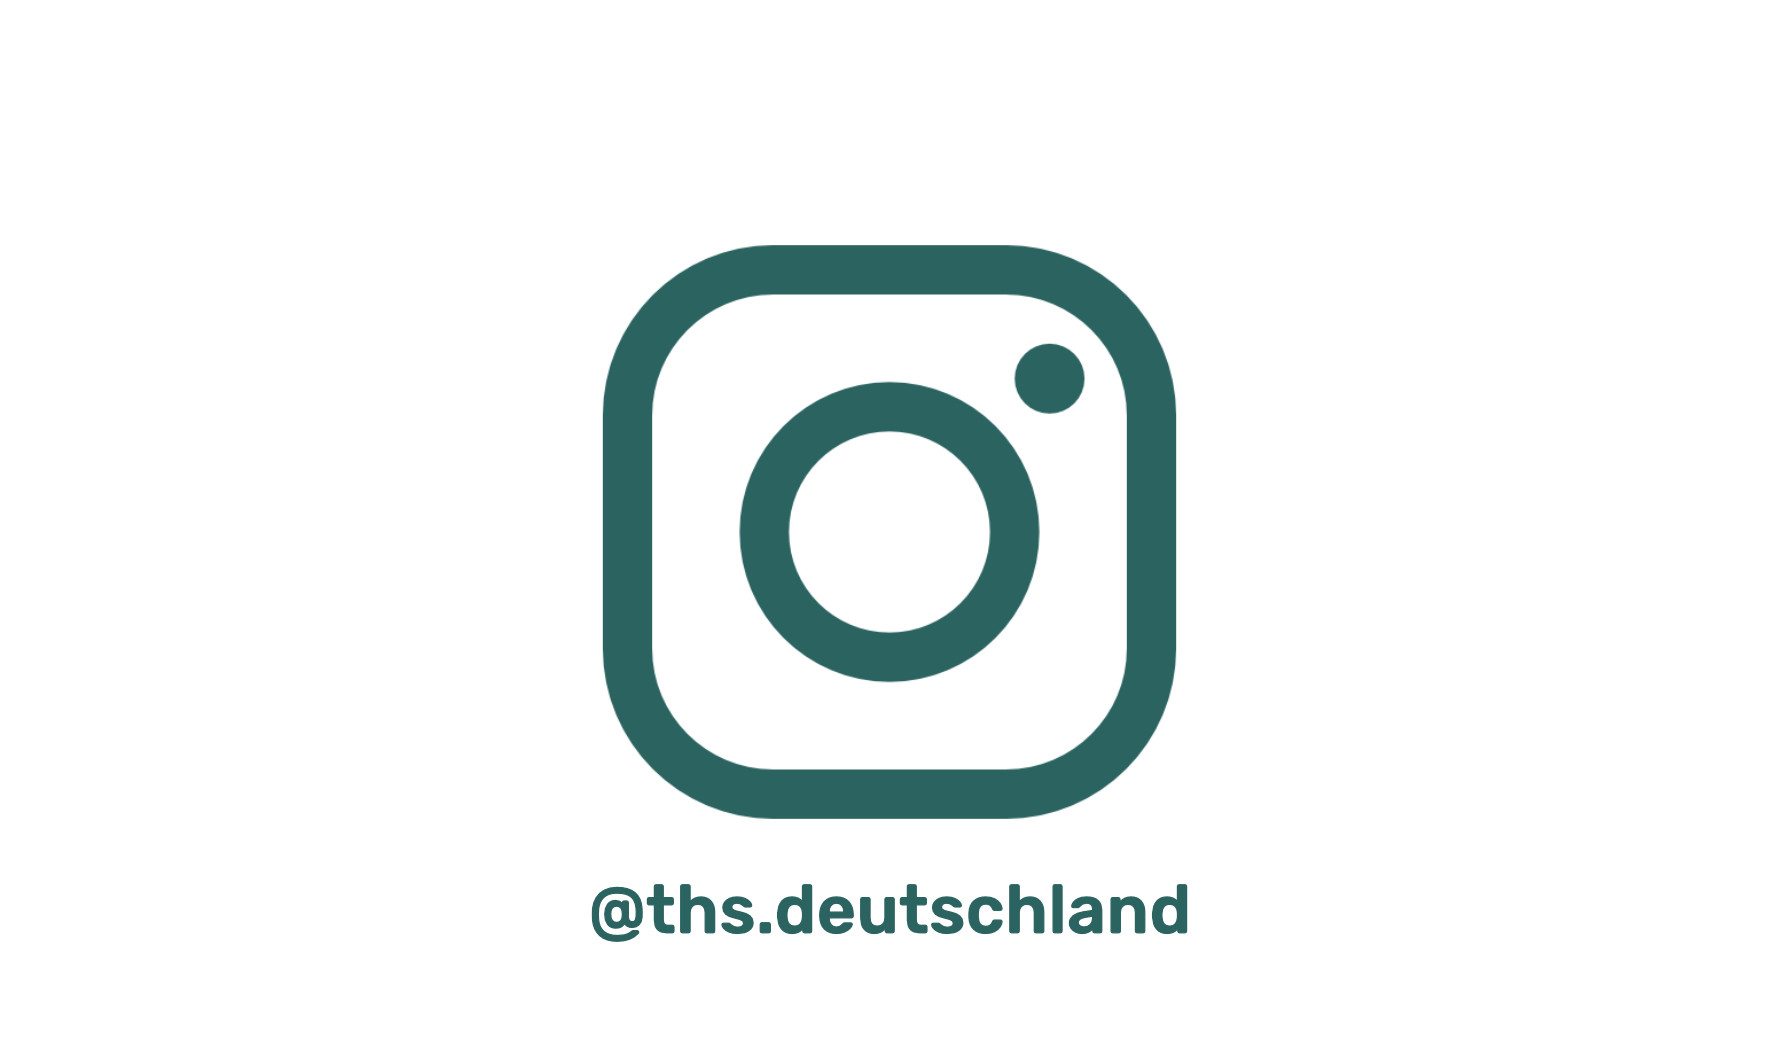 THS.Deutschland